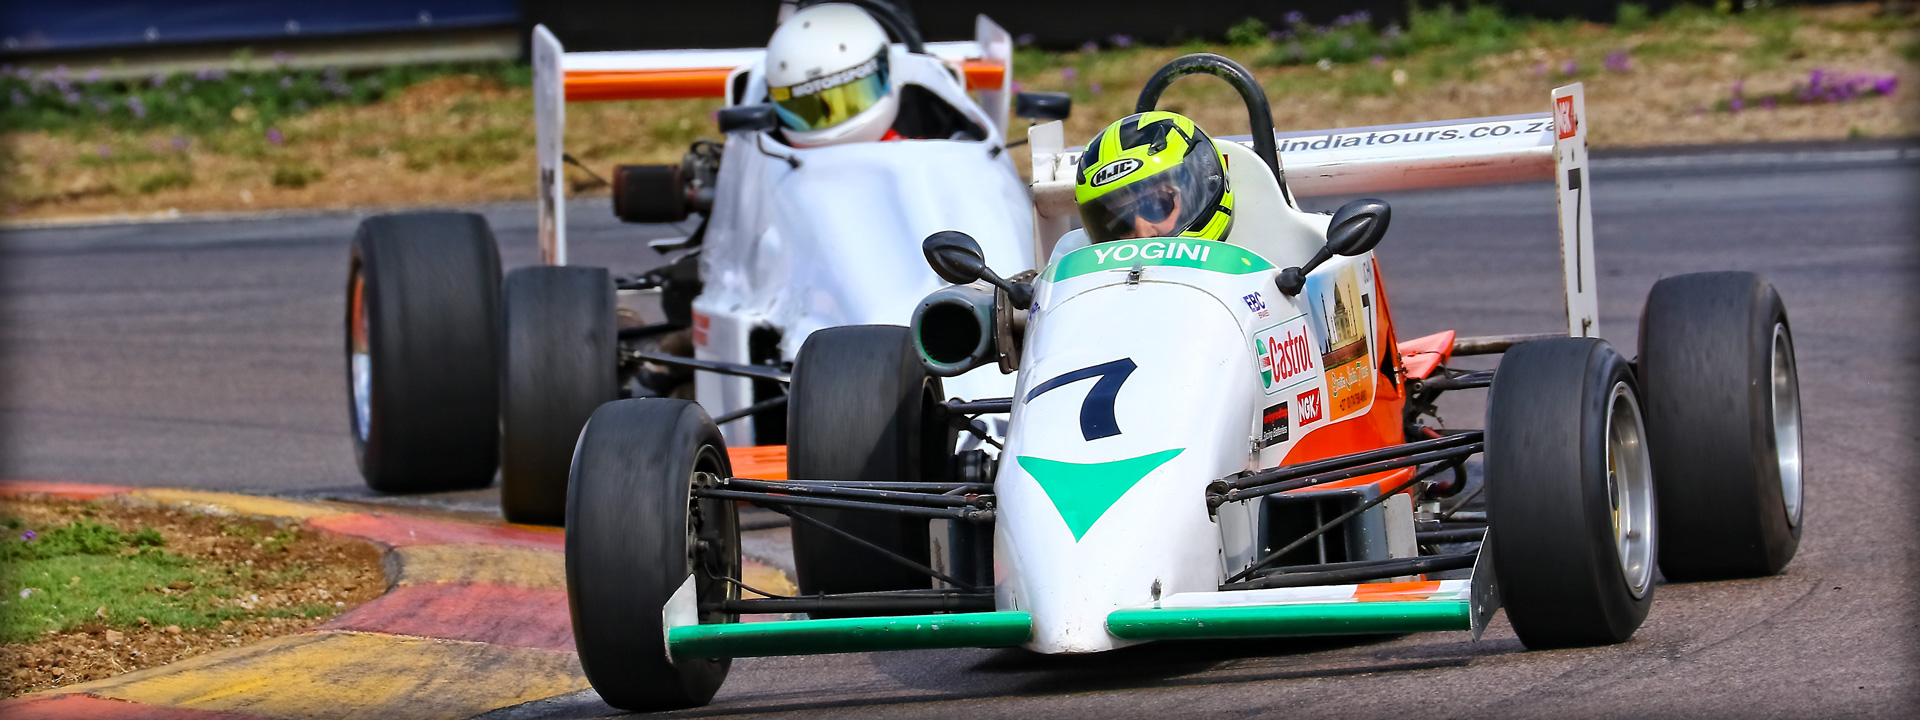 Inland Championship - Round 8 - Zwartkops Raceway - 2017-10-07 - Photographs